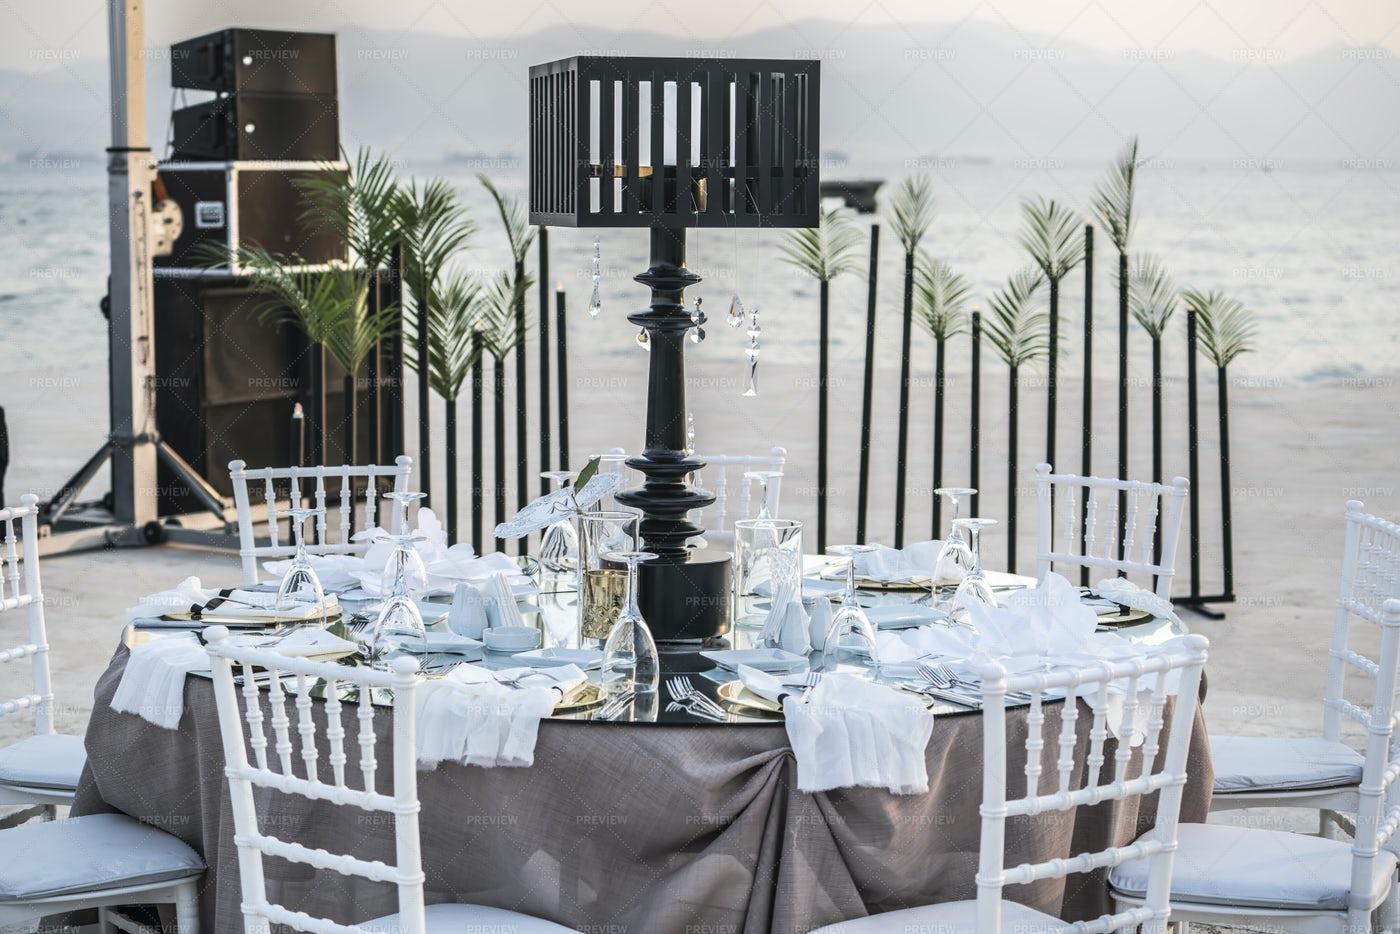 Wedding Table On Beach: Stock Photos